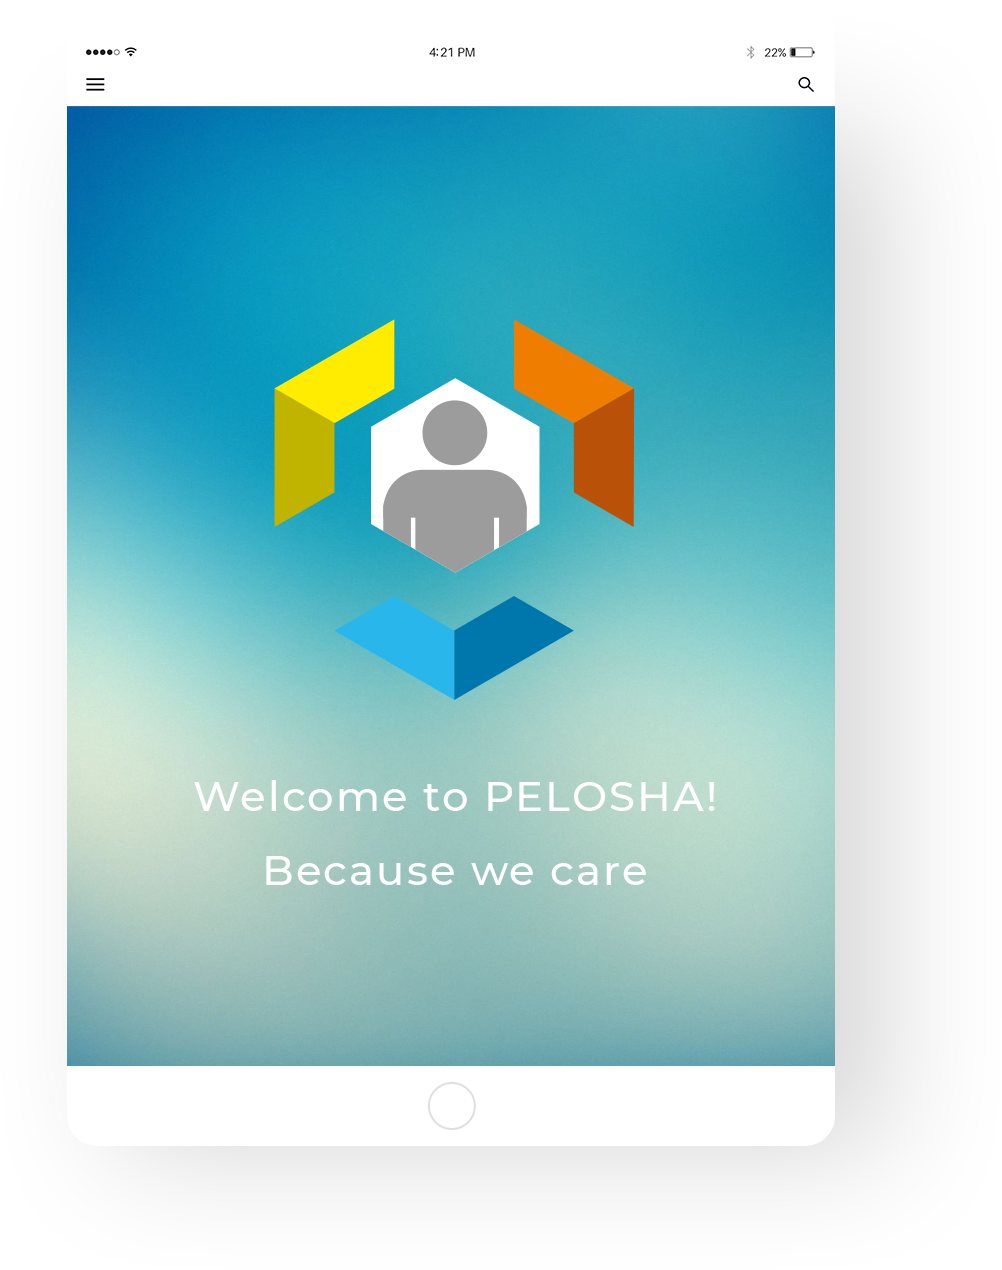 aplikacje mobilne, aplikacje desktop, web design & development, mobile-app, Projektowanie aplikacji mobilnych, ios, android, windows, pelosha, nabór